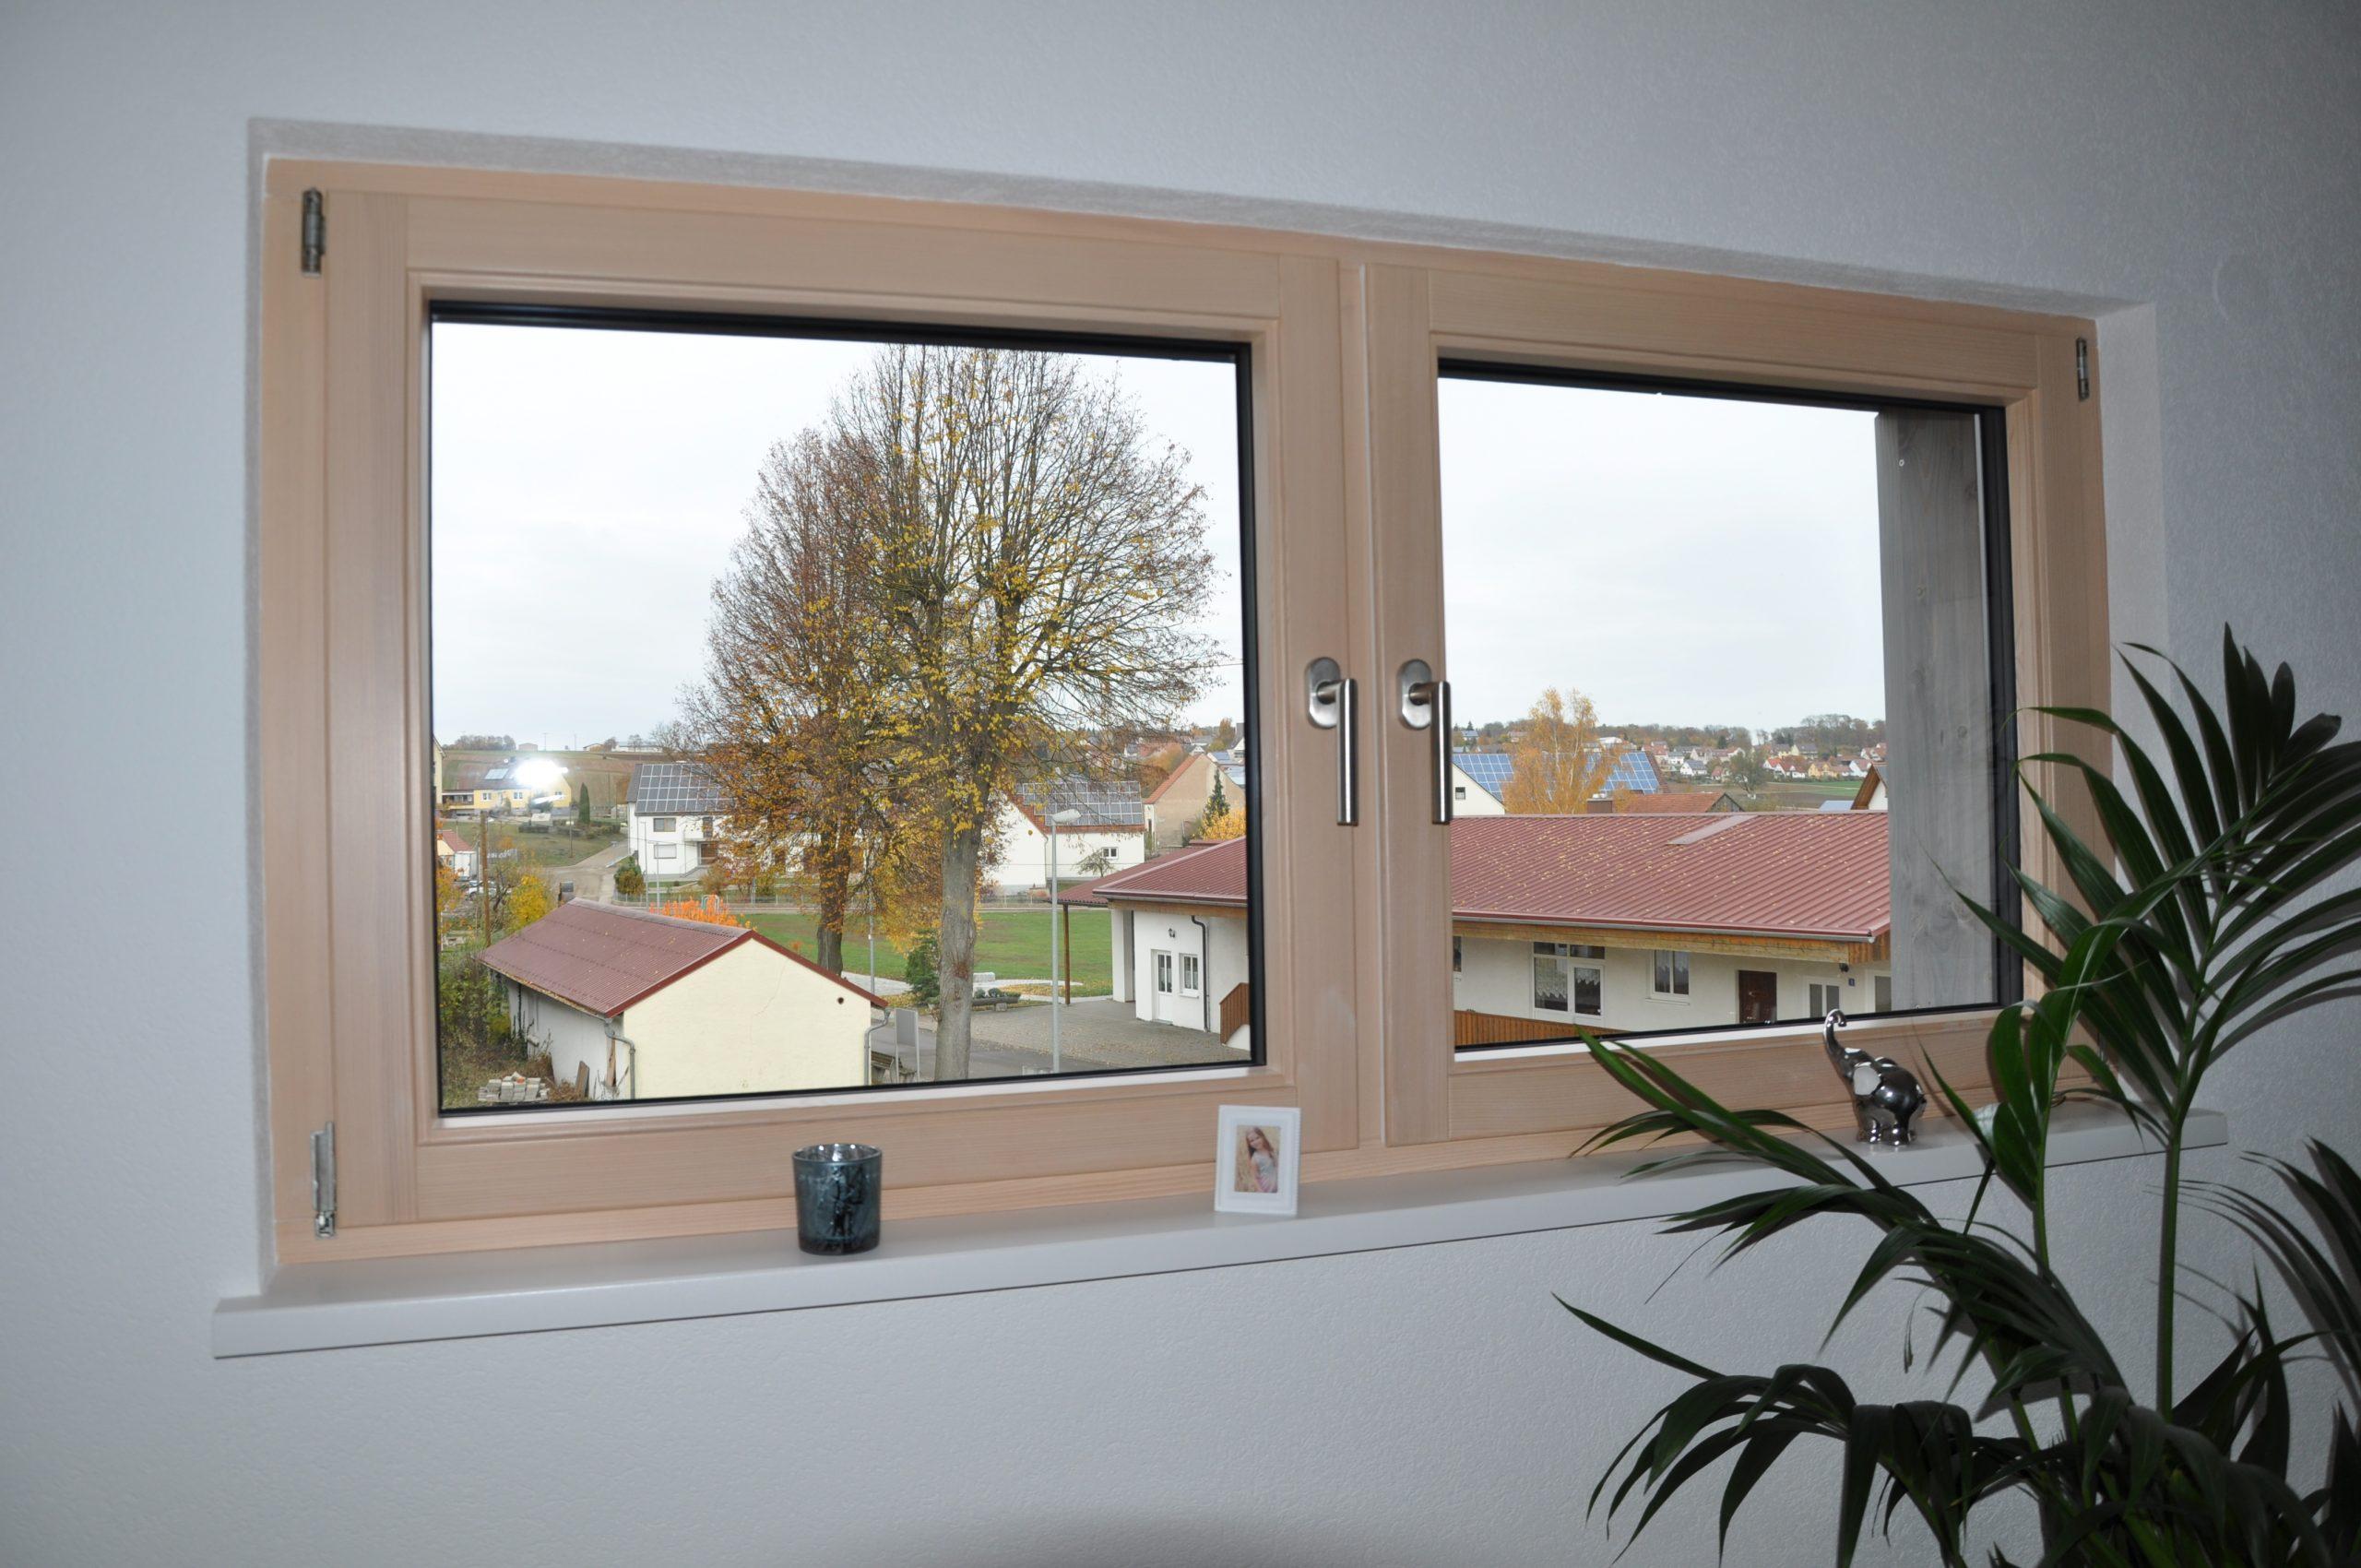 Full Size of Kostenvergleich Fenster Kunststoff Holz Alu Holz Alu Kunststofffenster Kosten Erfahrungen Hersteller Preise Preisunterschied Pro M2 Preisvergleich Schreinerei Fenster Fenster Holz Alu